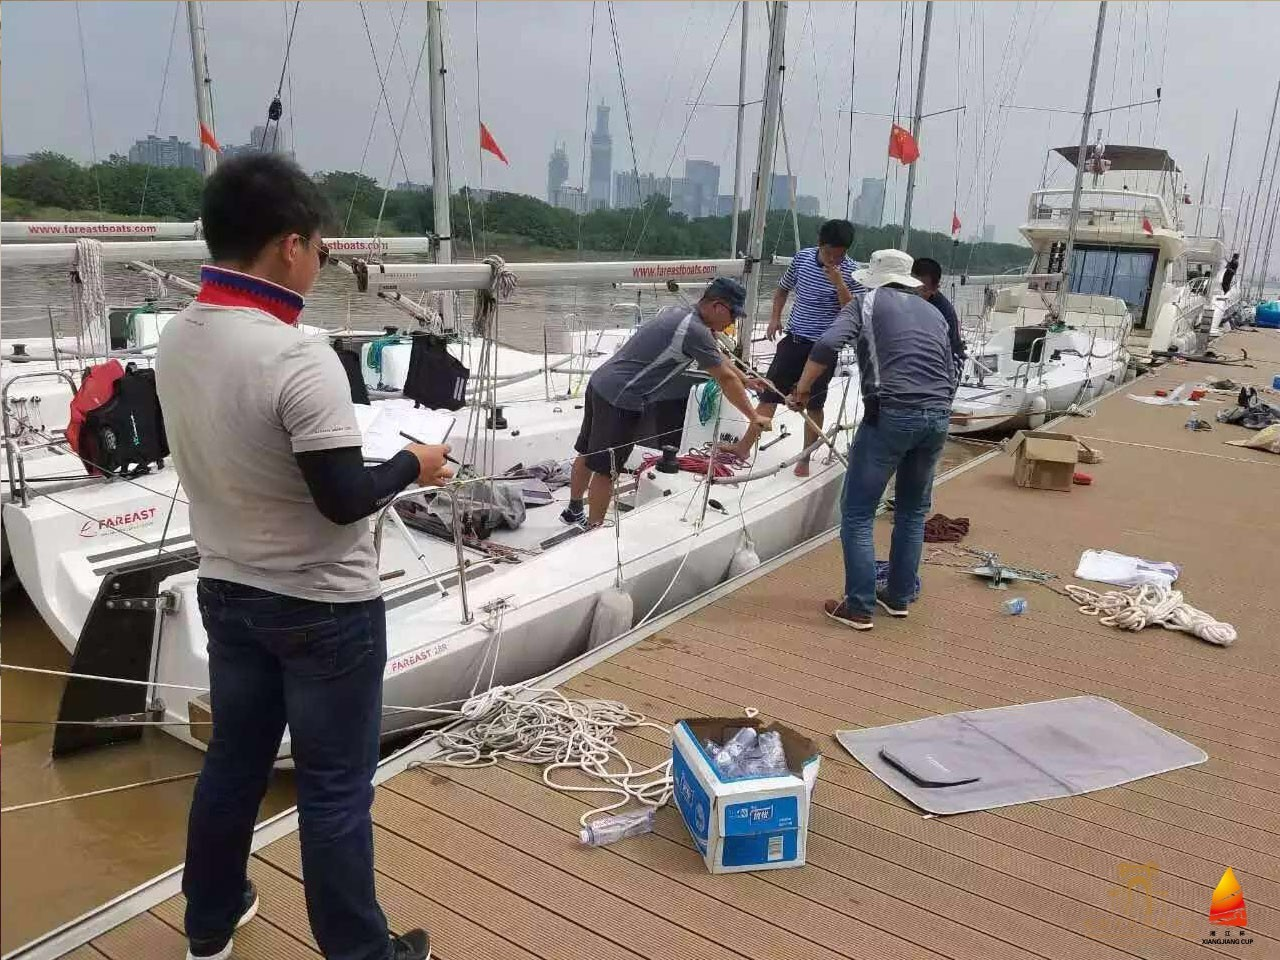 第二届湘江杯国际帆船赛丨今日迎接各国参赛运动员报到 8d233c7f7b70d41f777bf282f24a53e7.jpg